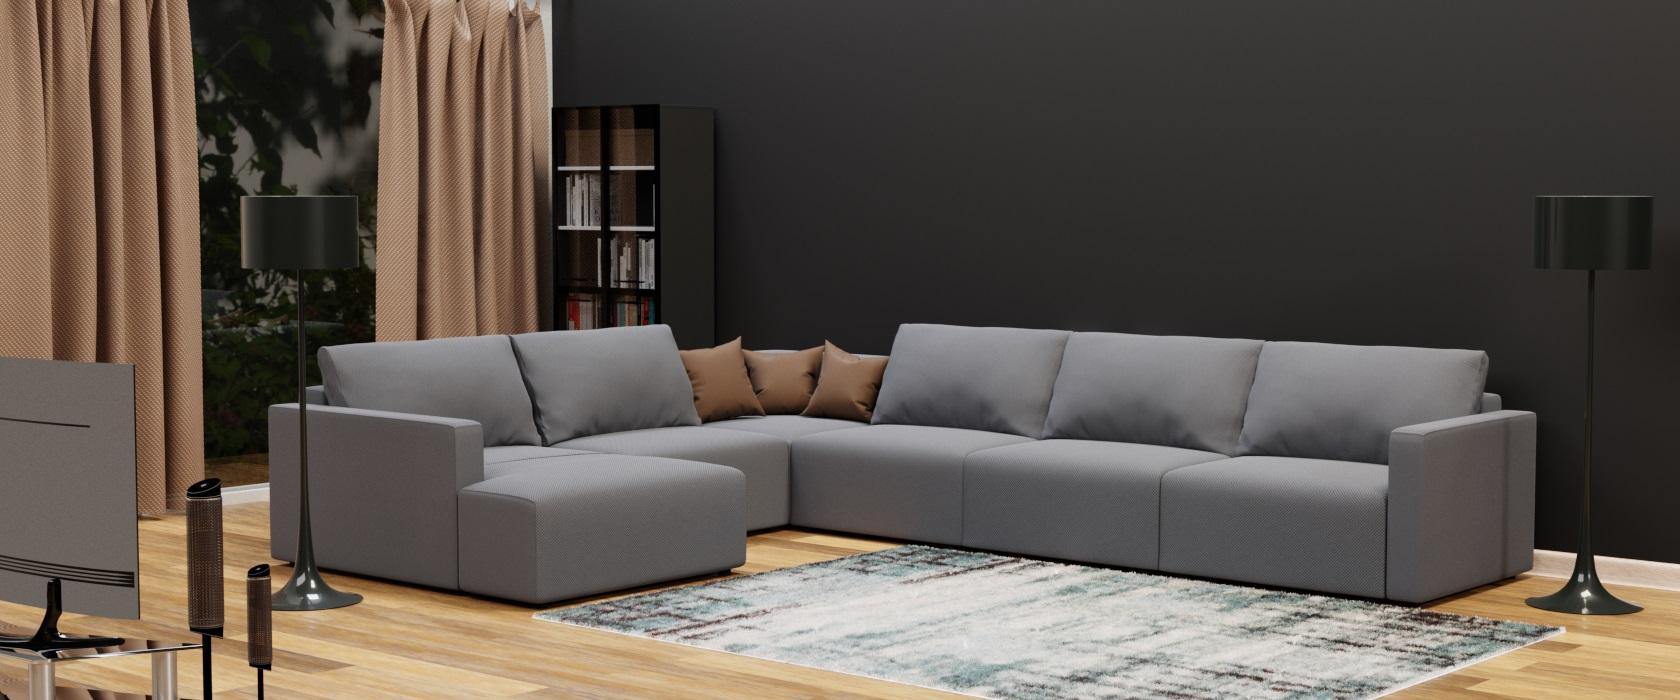 Модульний диван Greta з отоманкою 417x317 - Фото 2 - Pufetto